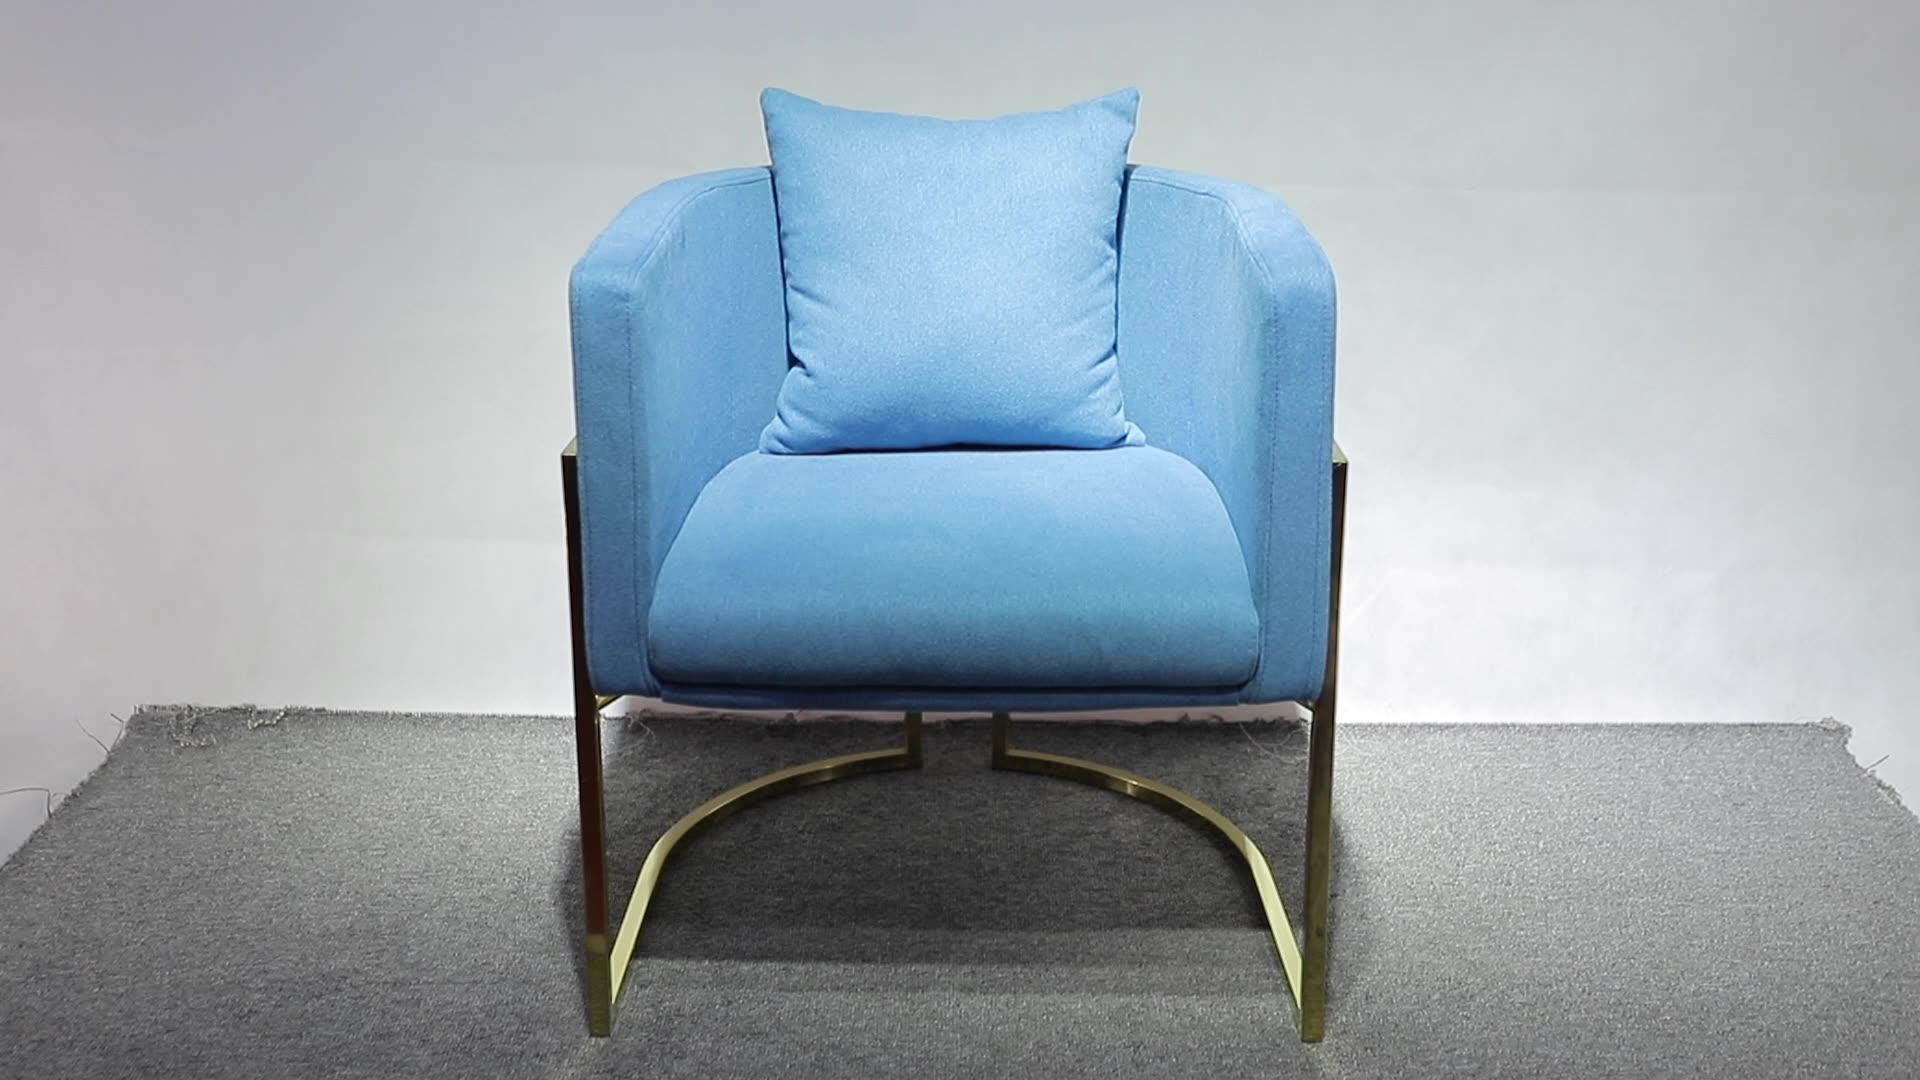 Los fabricantes populares venta al por mayor nórdicos comedor de diseño moderno salón de estilo loft de cuero sintético silla de asiento